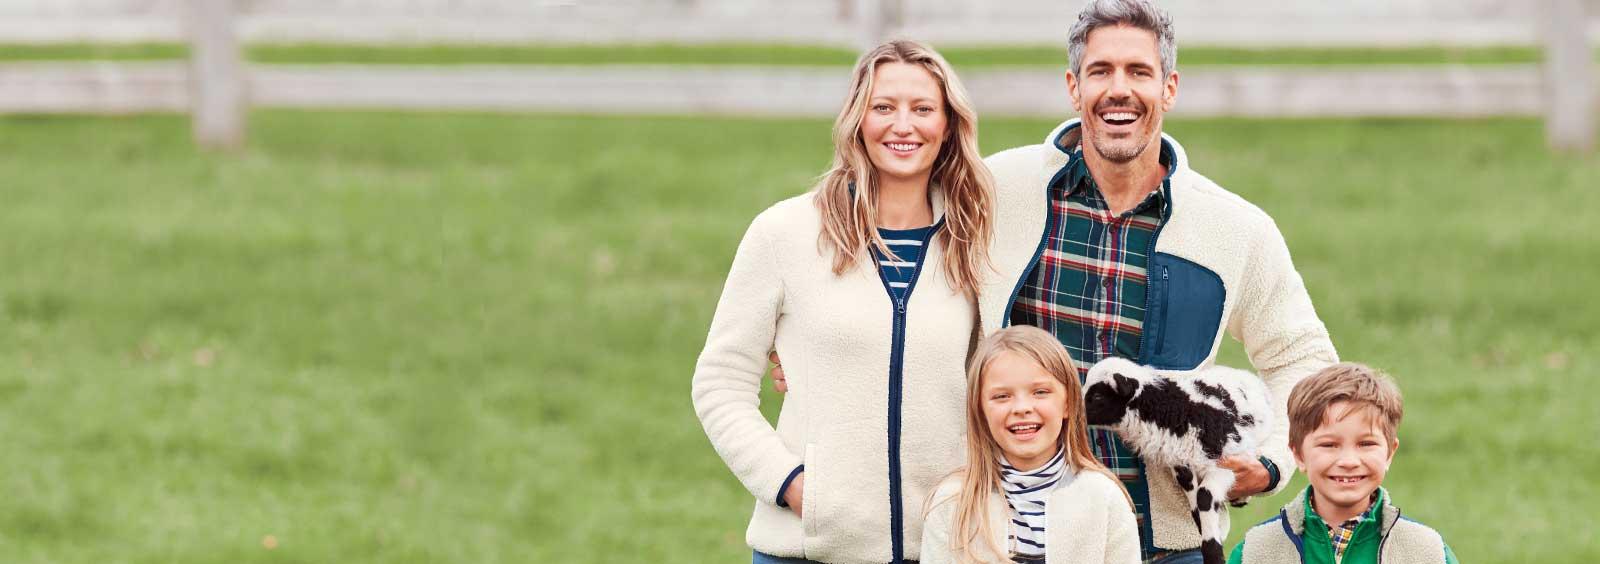 How To Wear Fleece - 5 Ways To Rock Your Fleece Wear